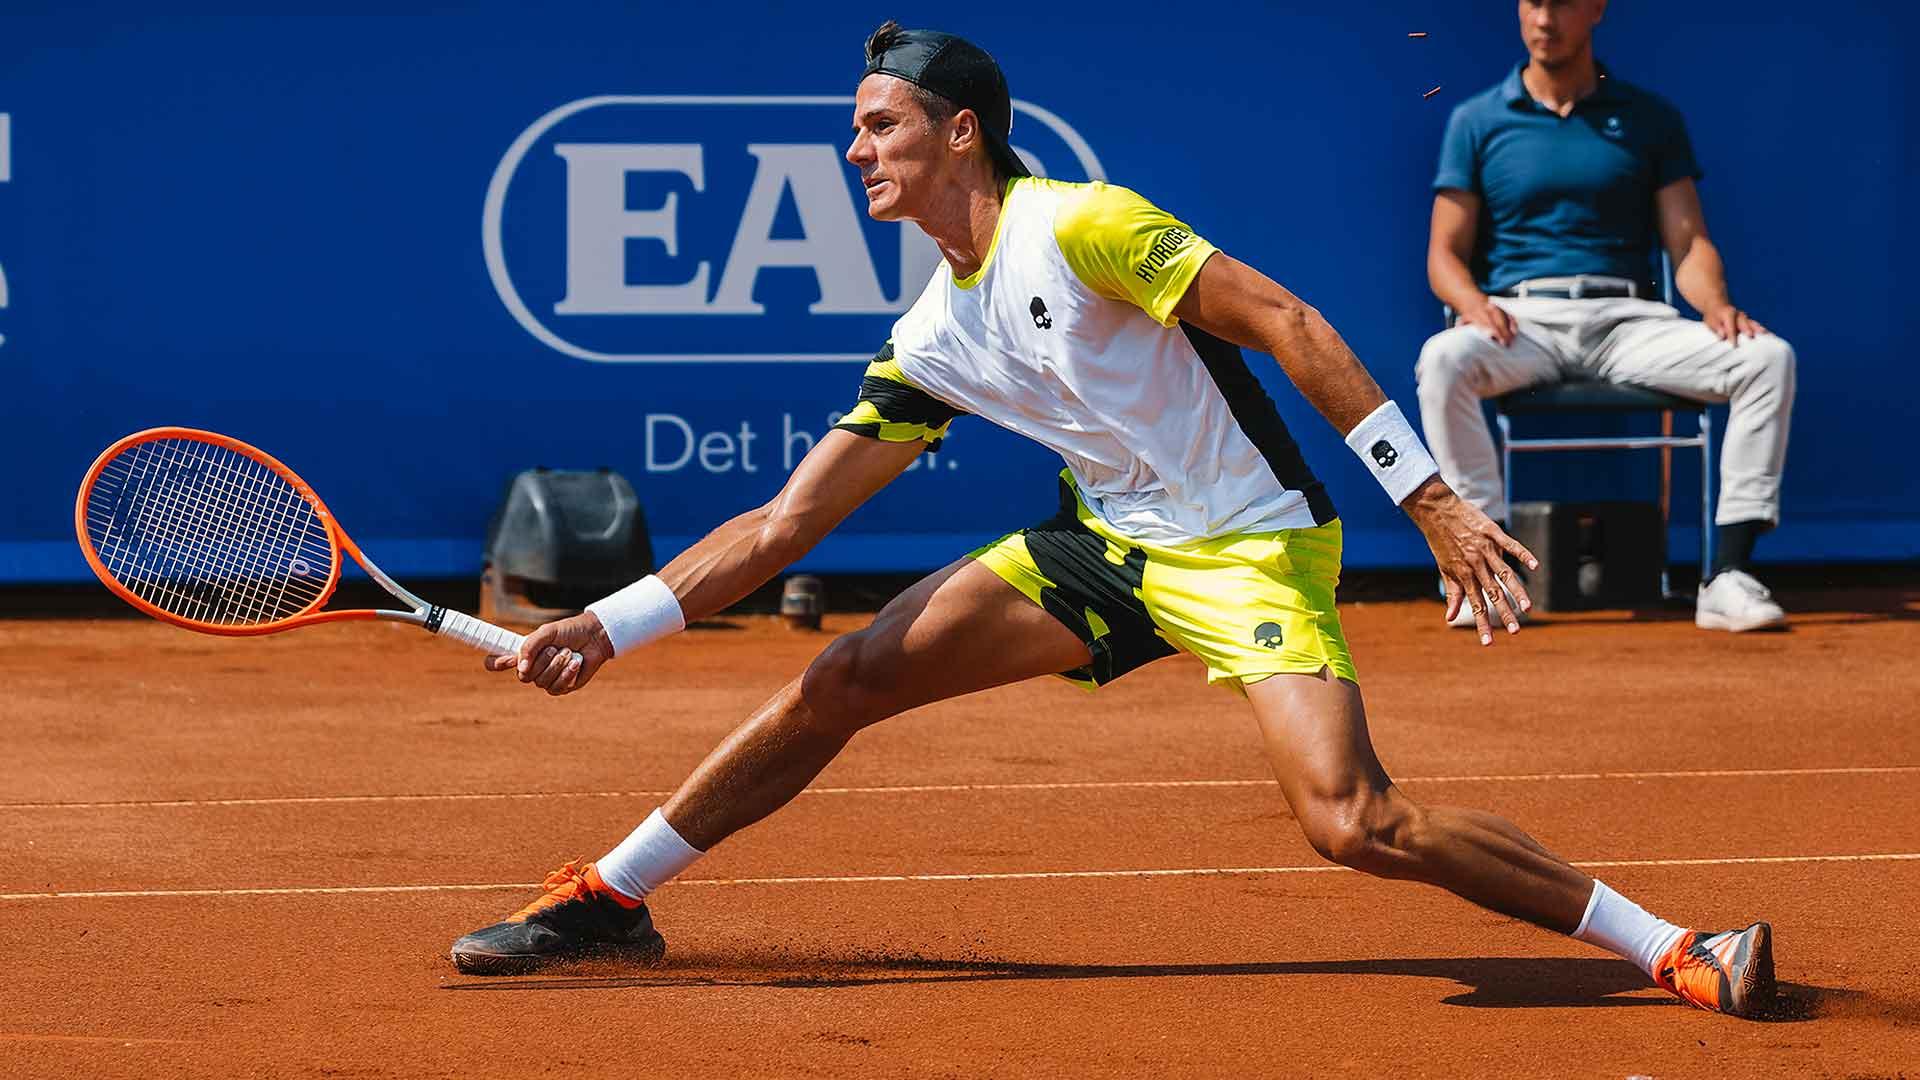 Swedish Open 2021: Federico Coria vs. Yannick Hanfmann Tennis Pick and Prediction